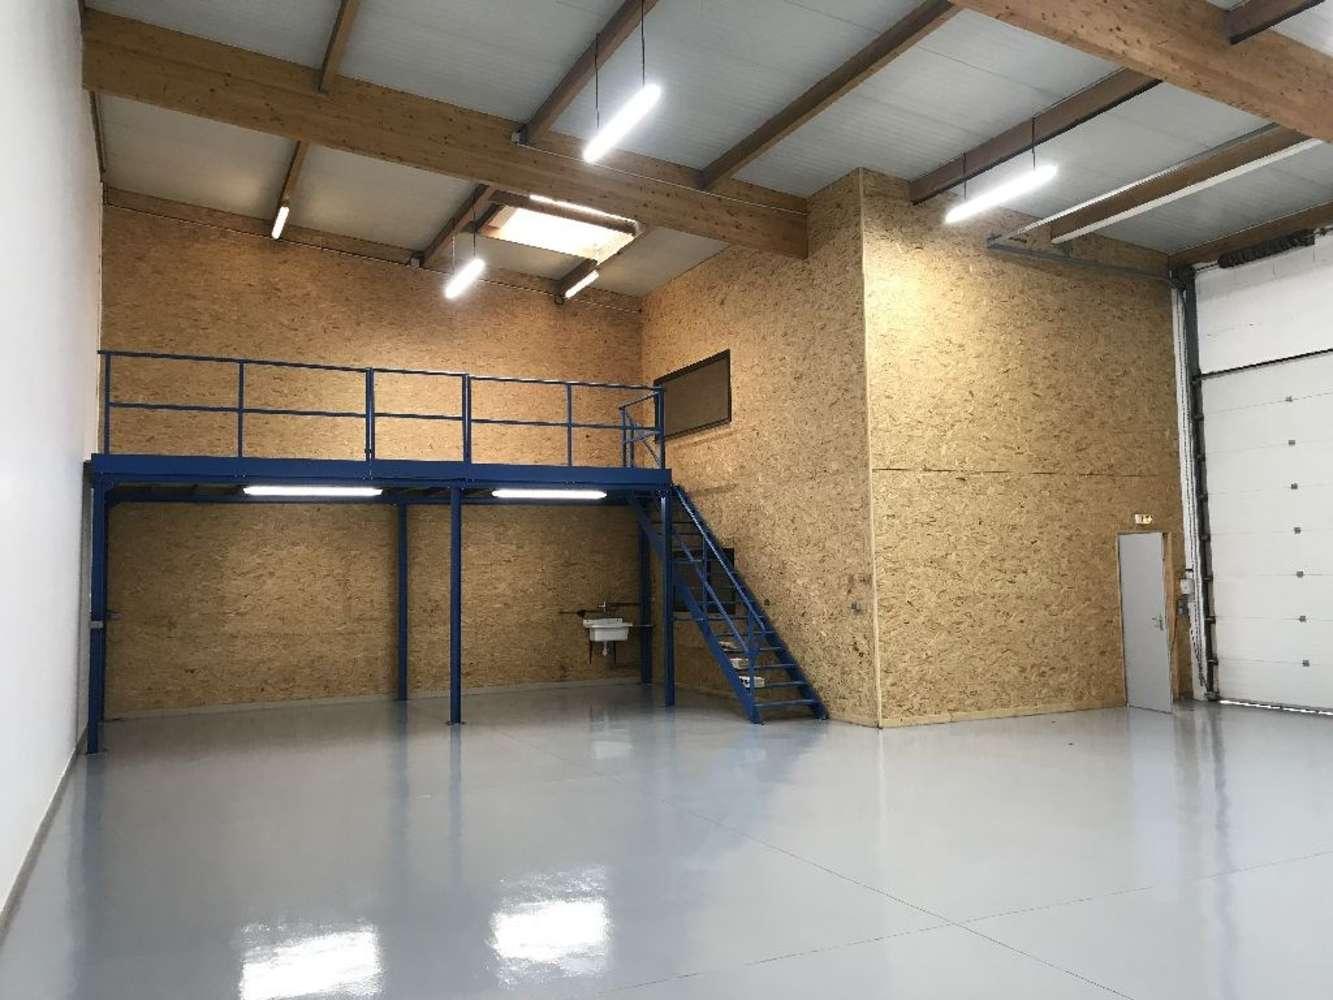 Activités/entrepôt Toussieu, 69780 - Locaux industriels à louer - Toussieu - 10056207